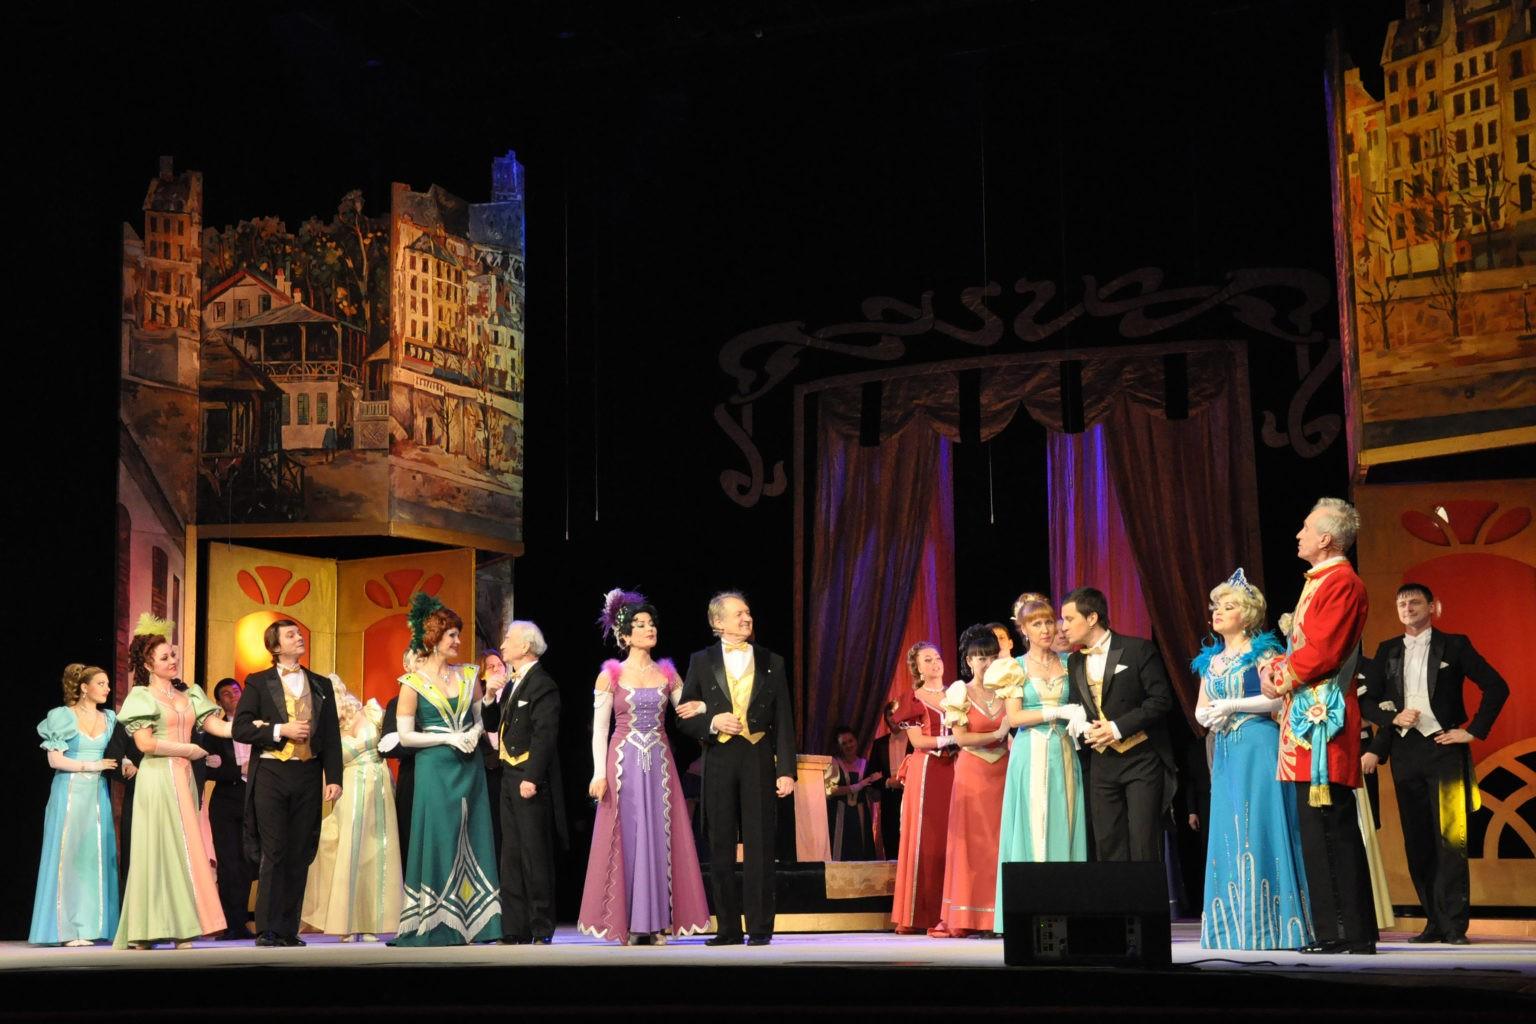 Сцена из спектакля «Веселая вдова»: фотография